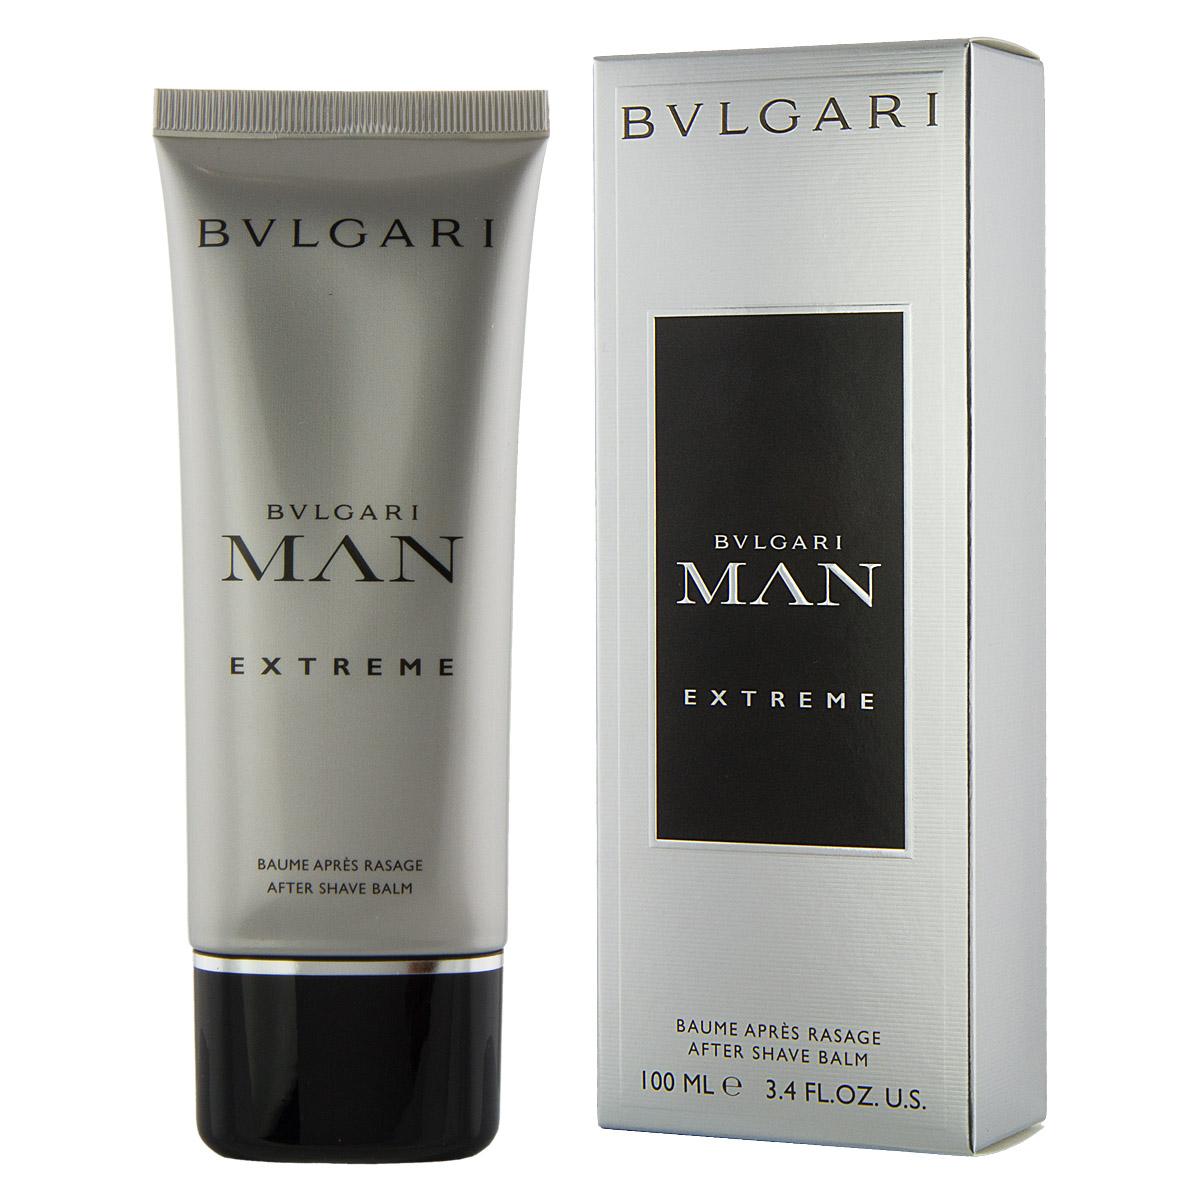 Bvlgari Man Extreme ASB 100 ml M